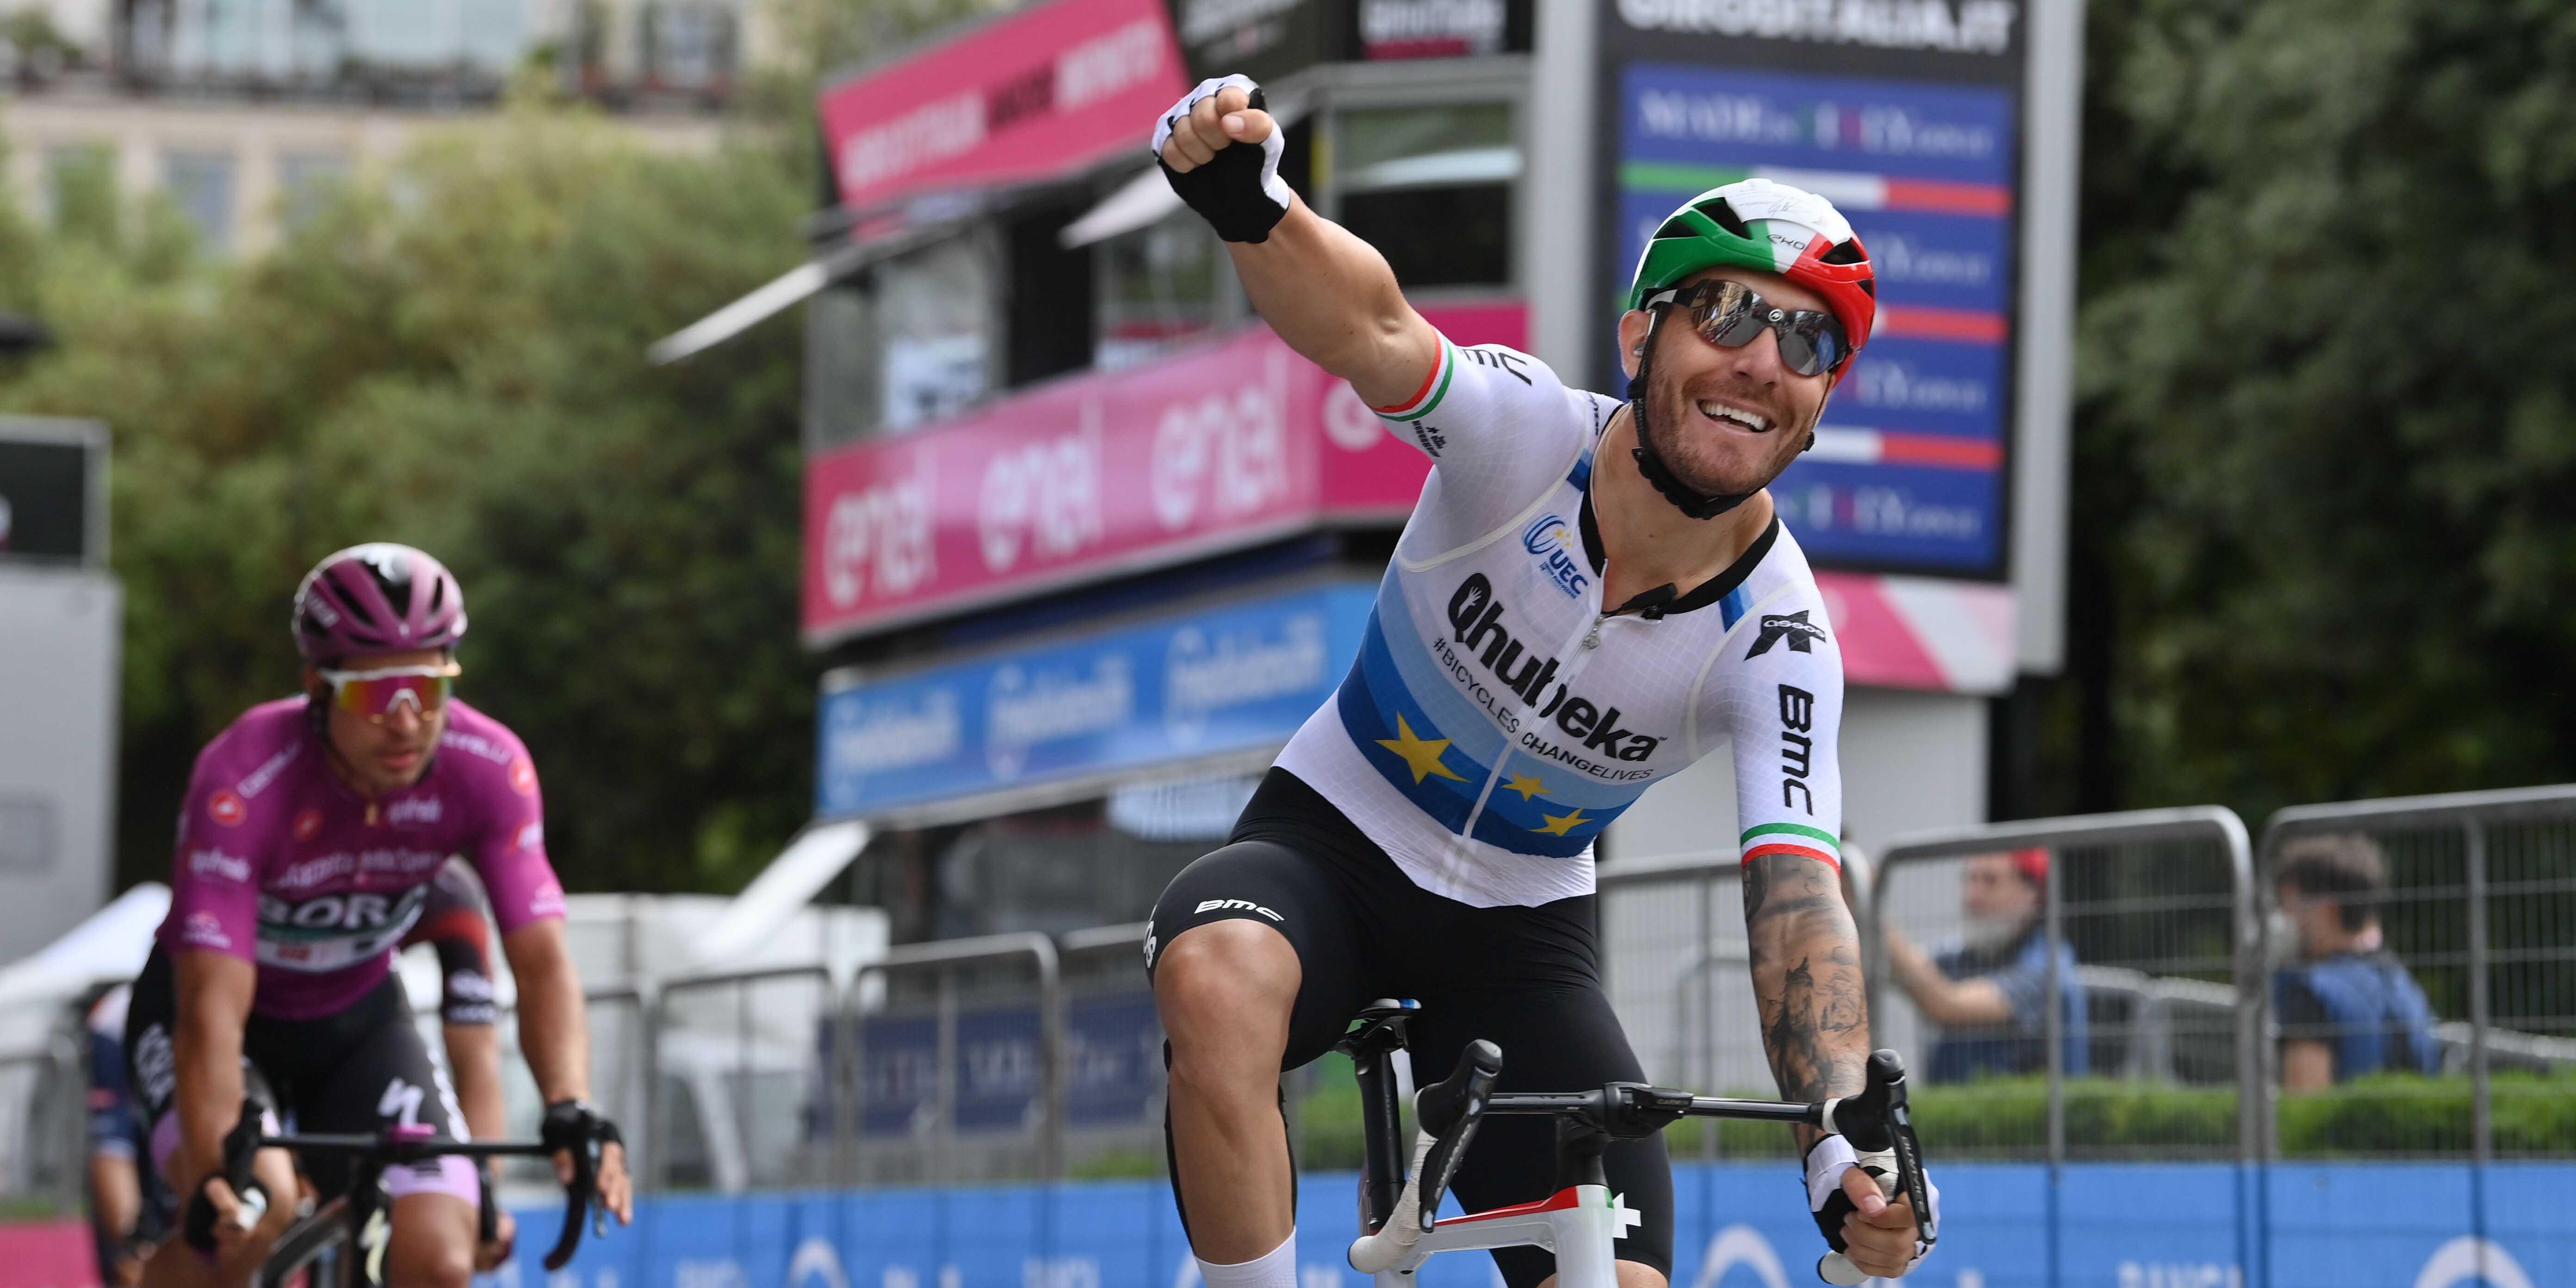 Giacomo Nizzolo wins stage 13 of the Giro d'Italia, Bernal retains the Maglia Rosa